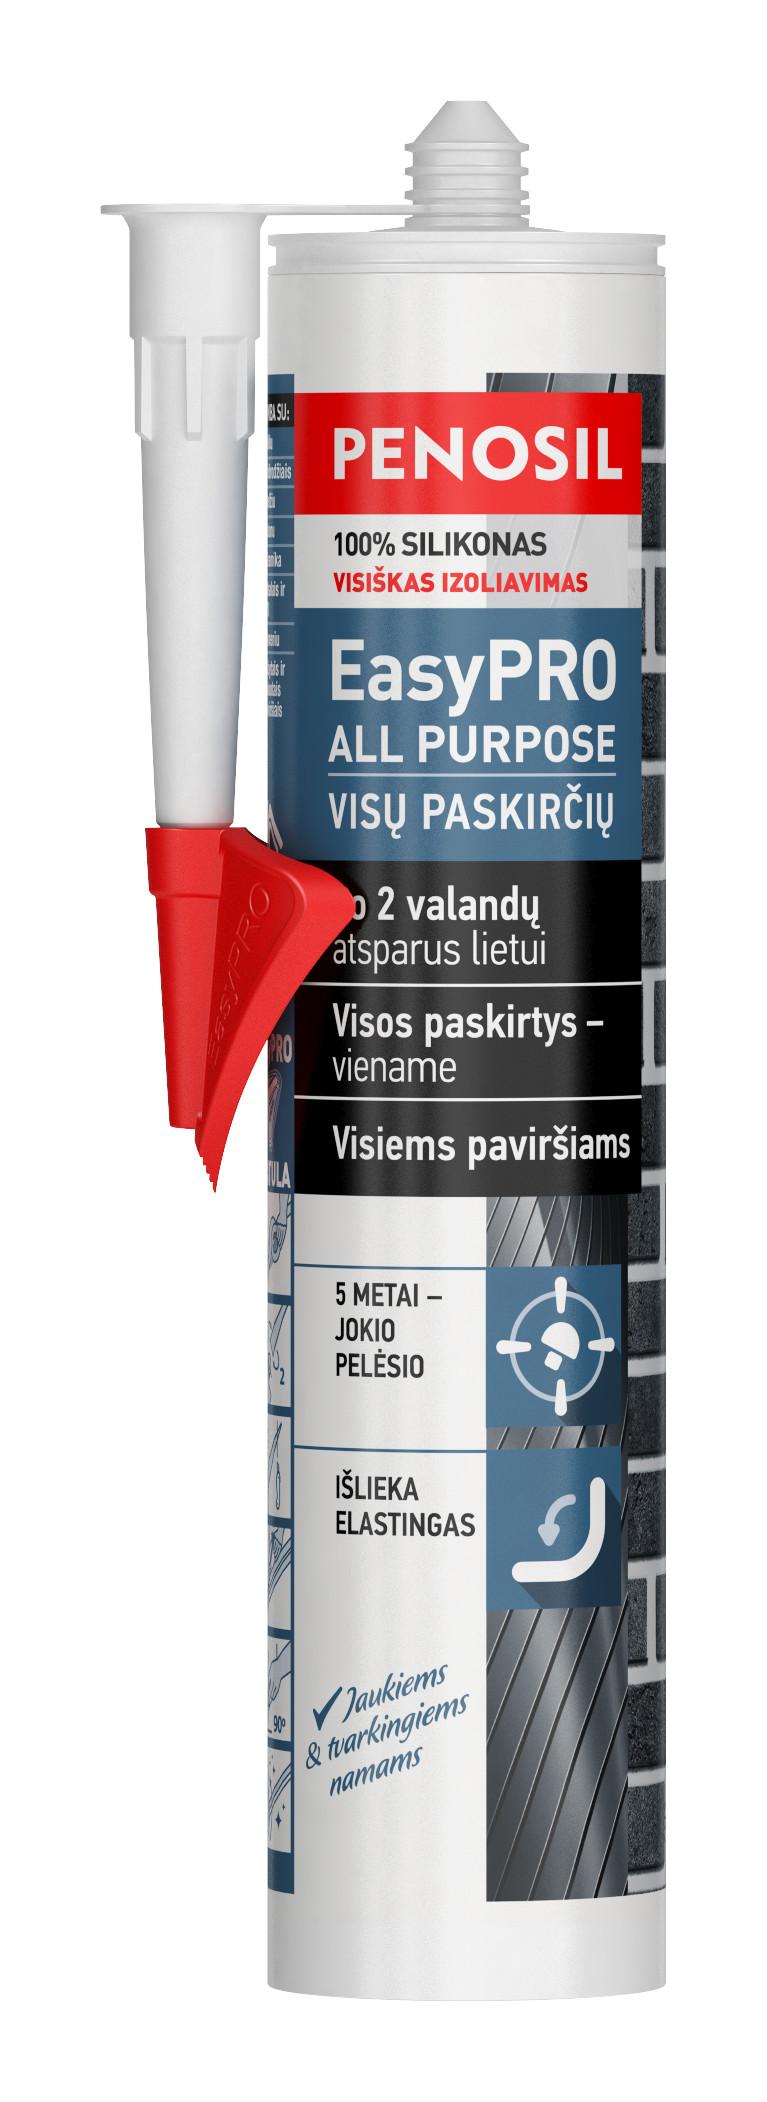 PENOSIL EasyPRO All Purpose visų paskirčių silikonas